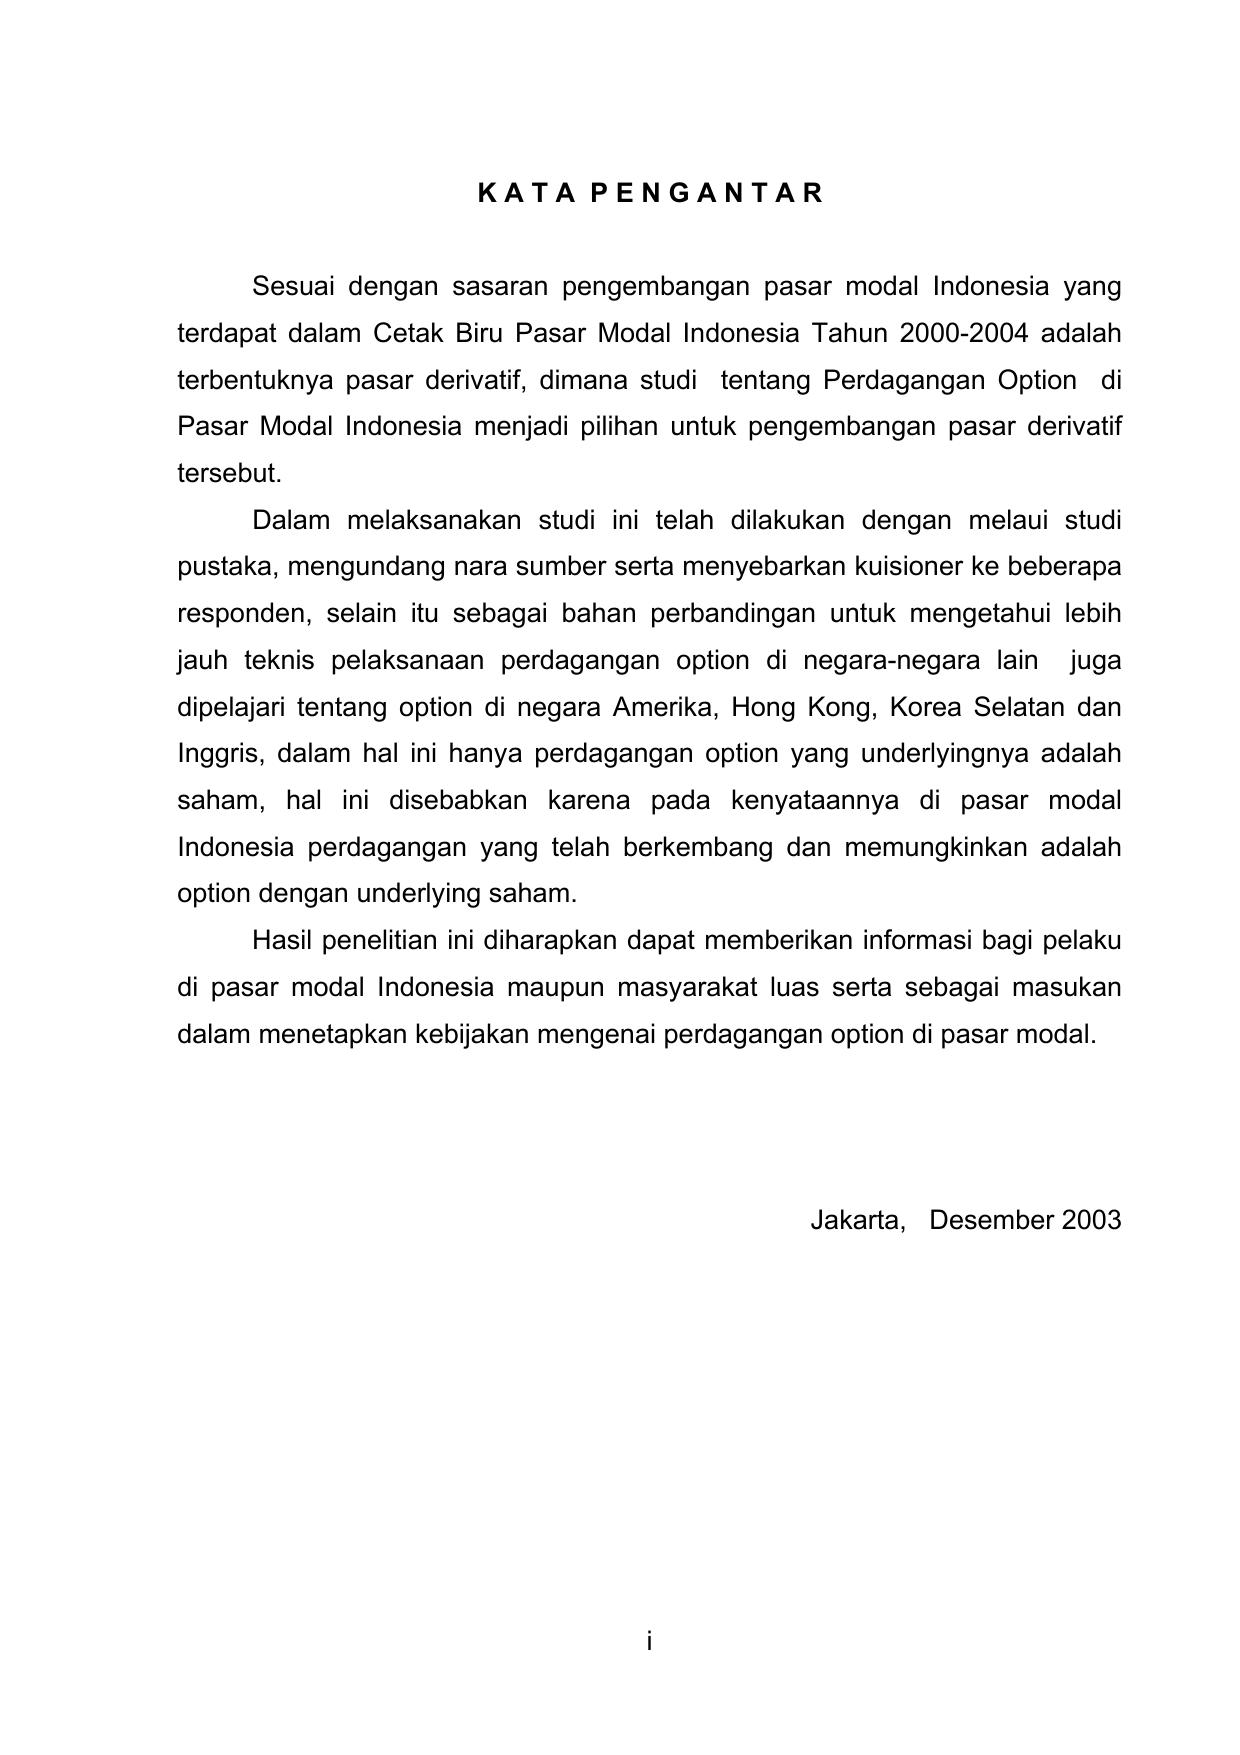 Derivatif & Lindung Nilai | mikoedoankz's Blog